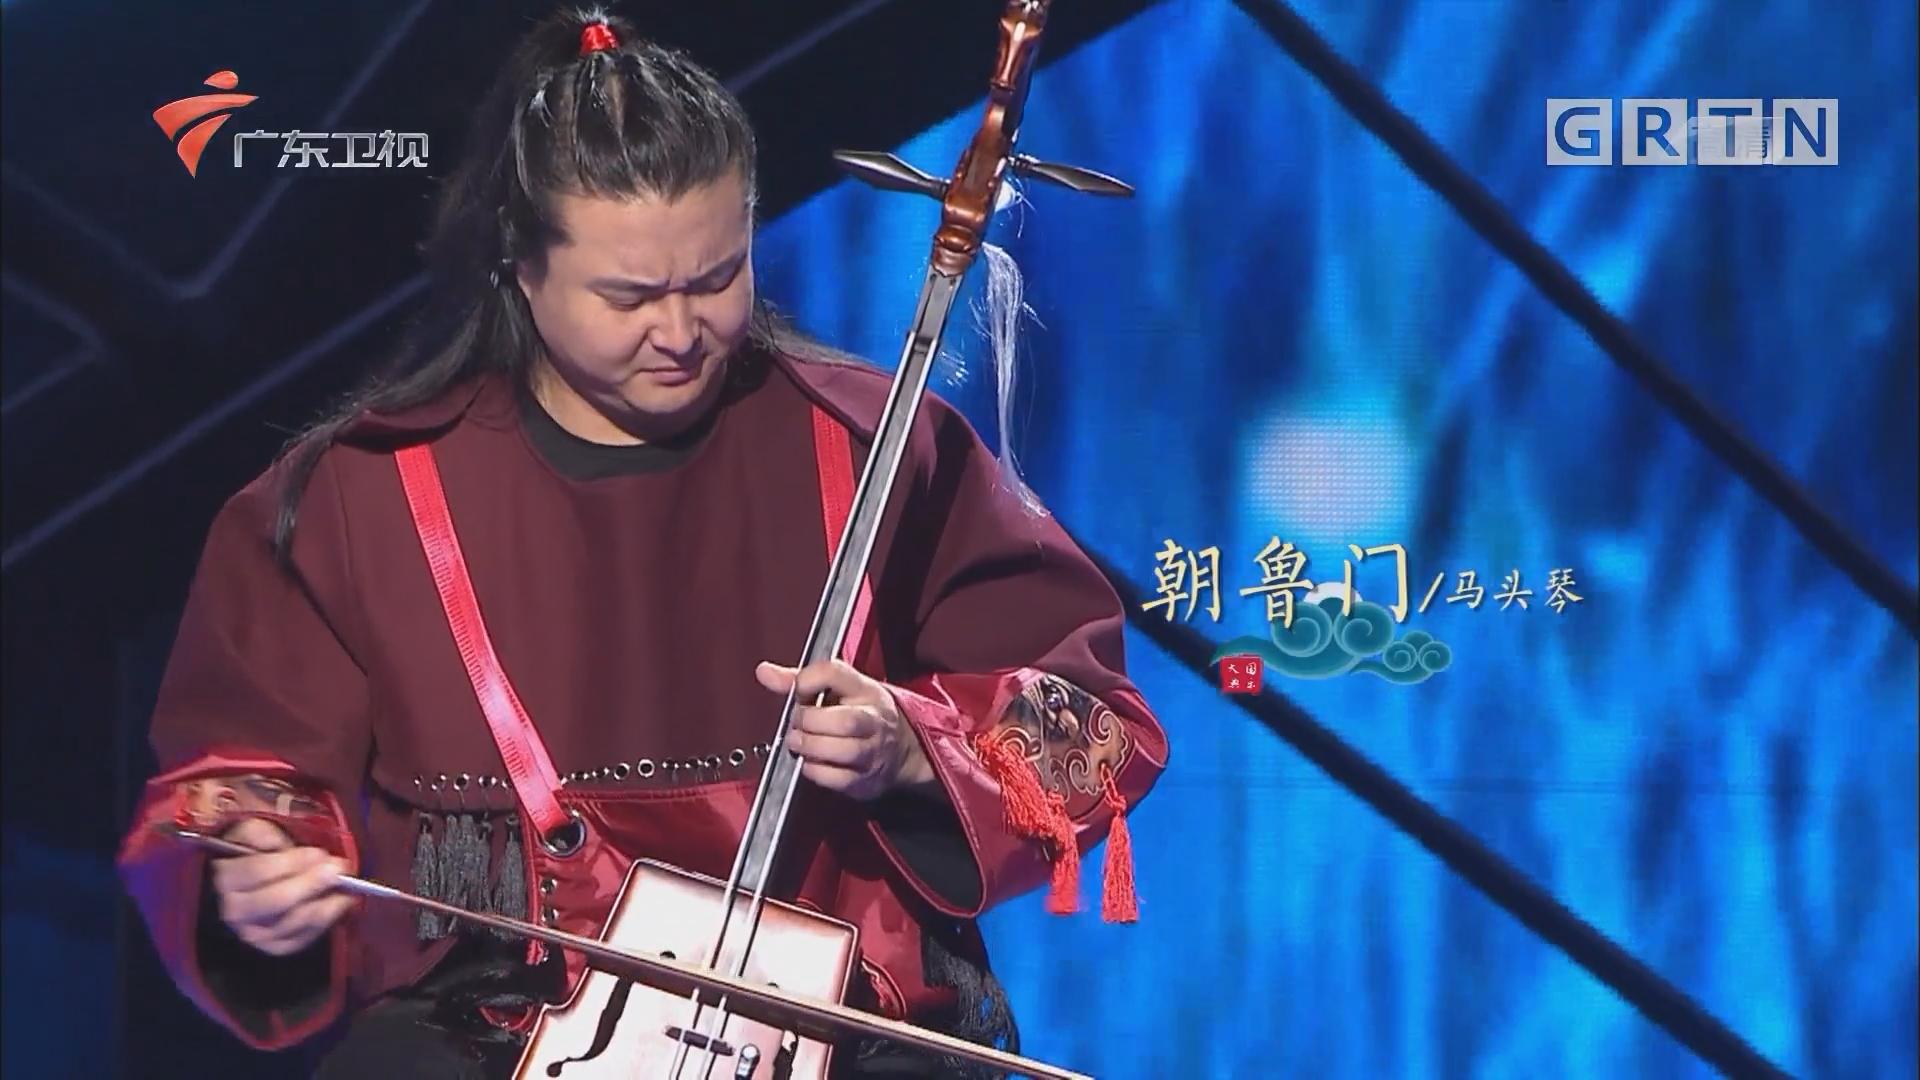 神骏乐团神操作 精彩演绎蒙古风《摇篮曲》